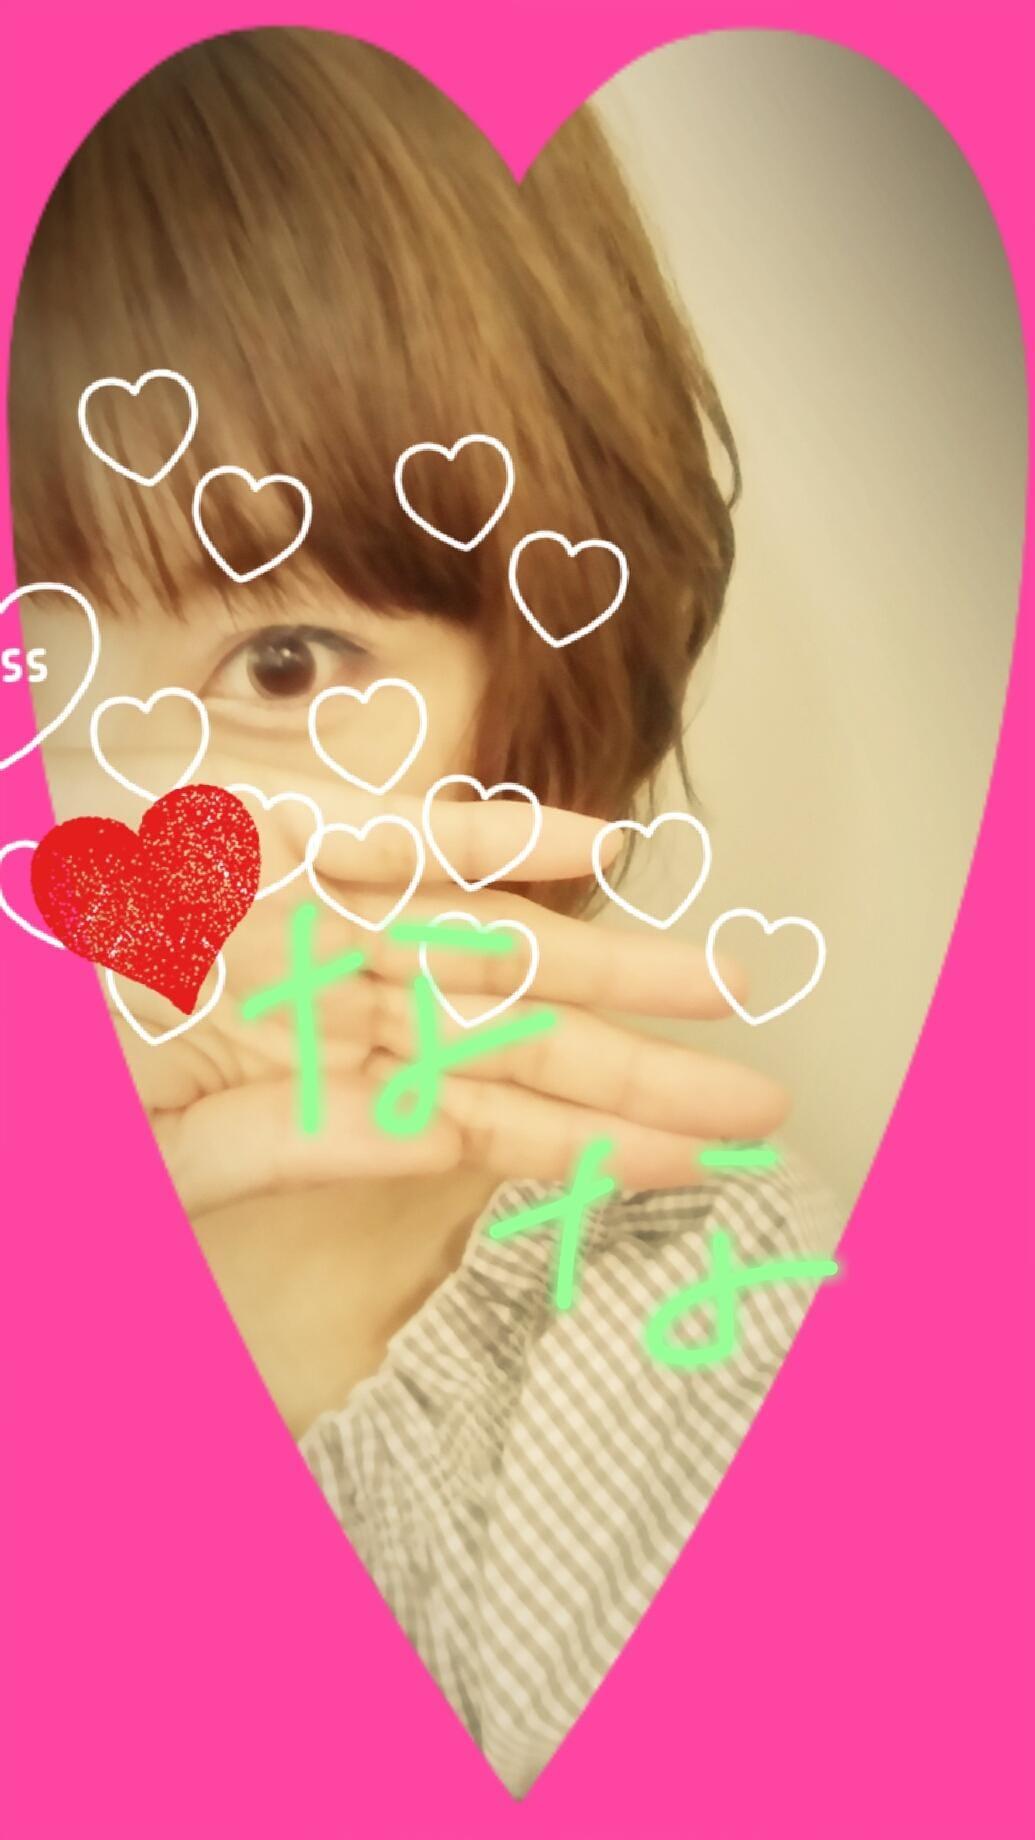 「ななです☆」09/05(09/05) 14:27 | 花沢ななの写メ・風俗動画